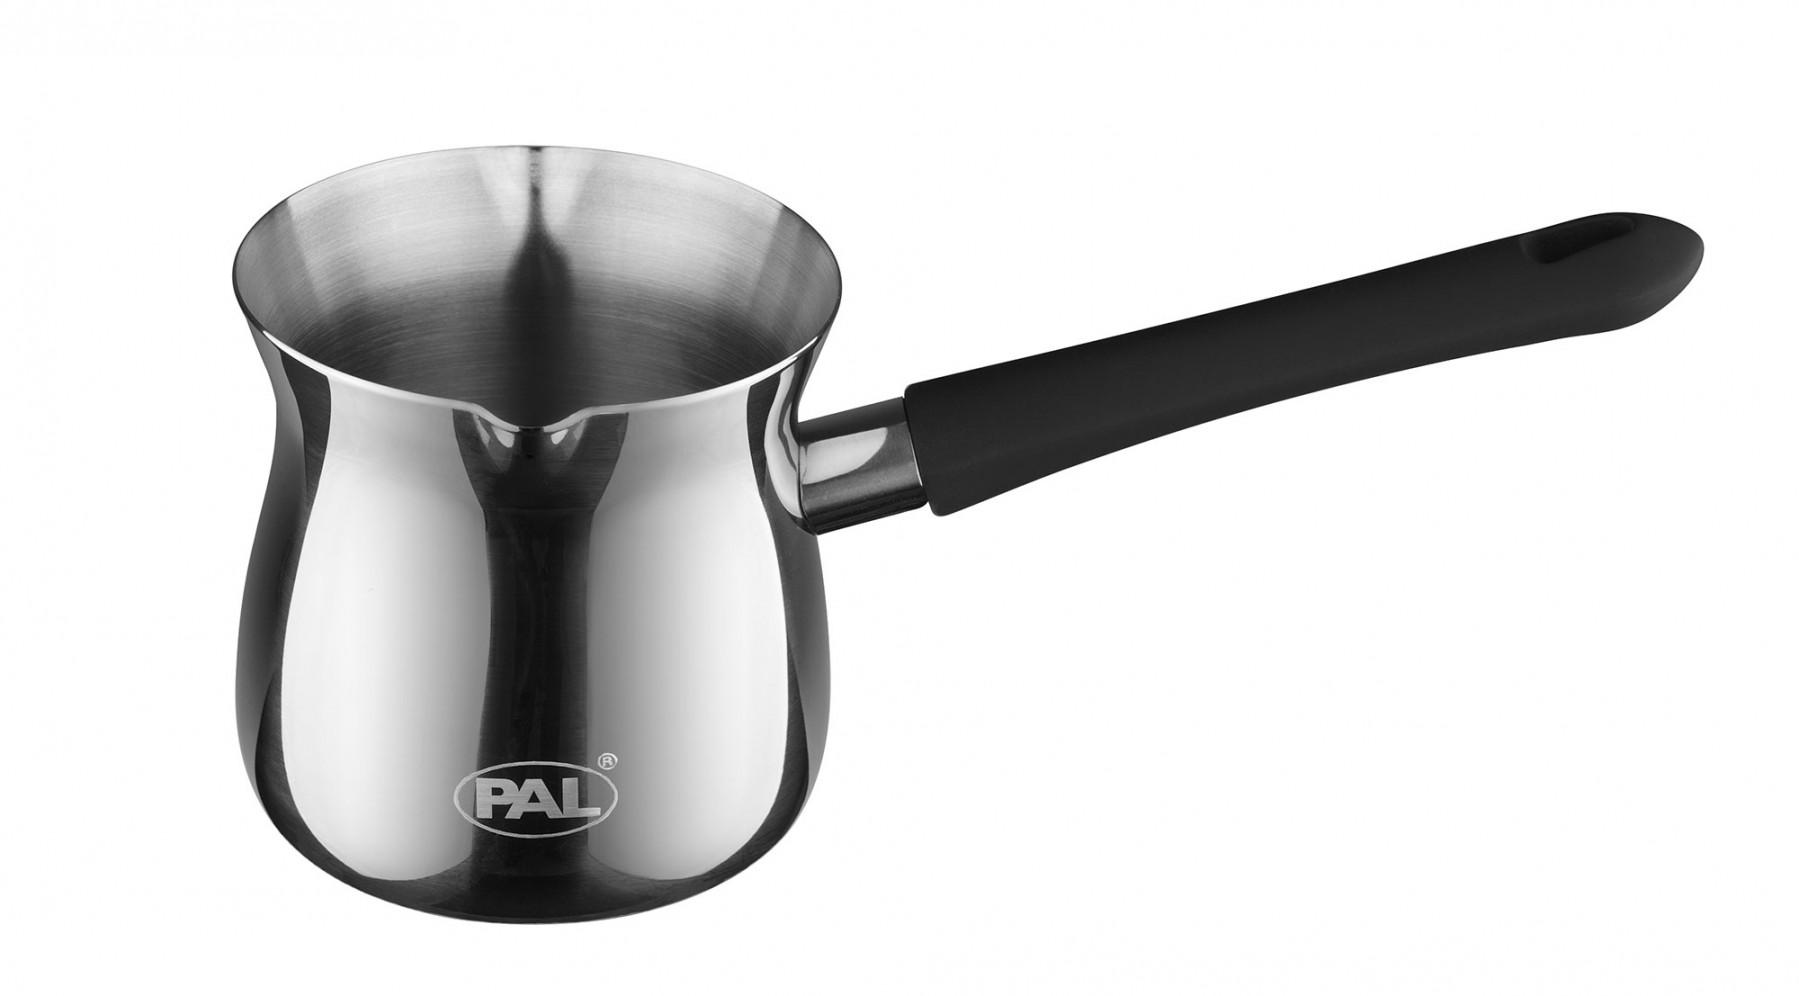 Μπρίκι Ανoξείδωτο PAL Titanium 18/8 No8 250 ml PAL Colors 50000505 Μαύρο